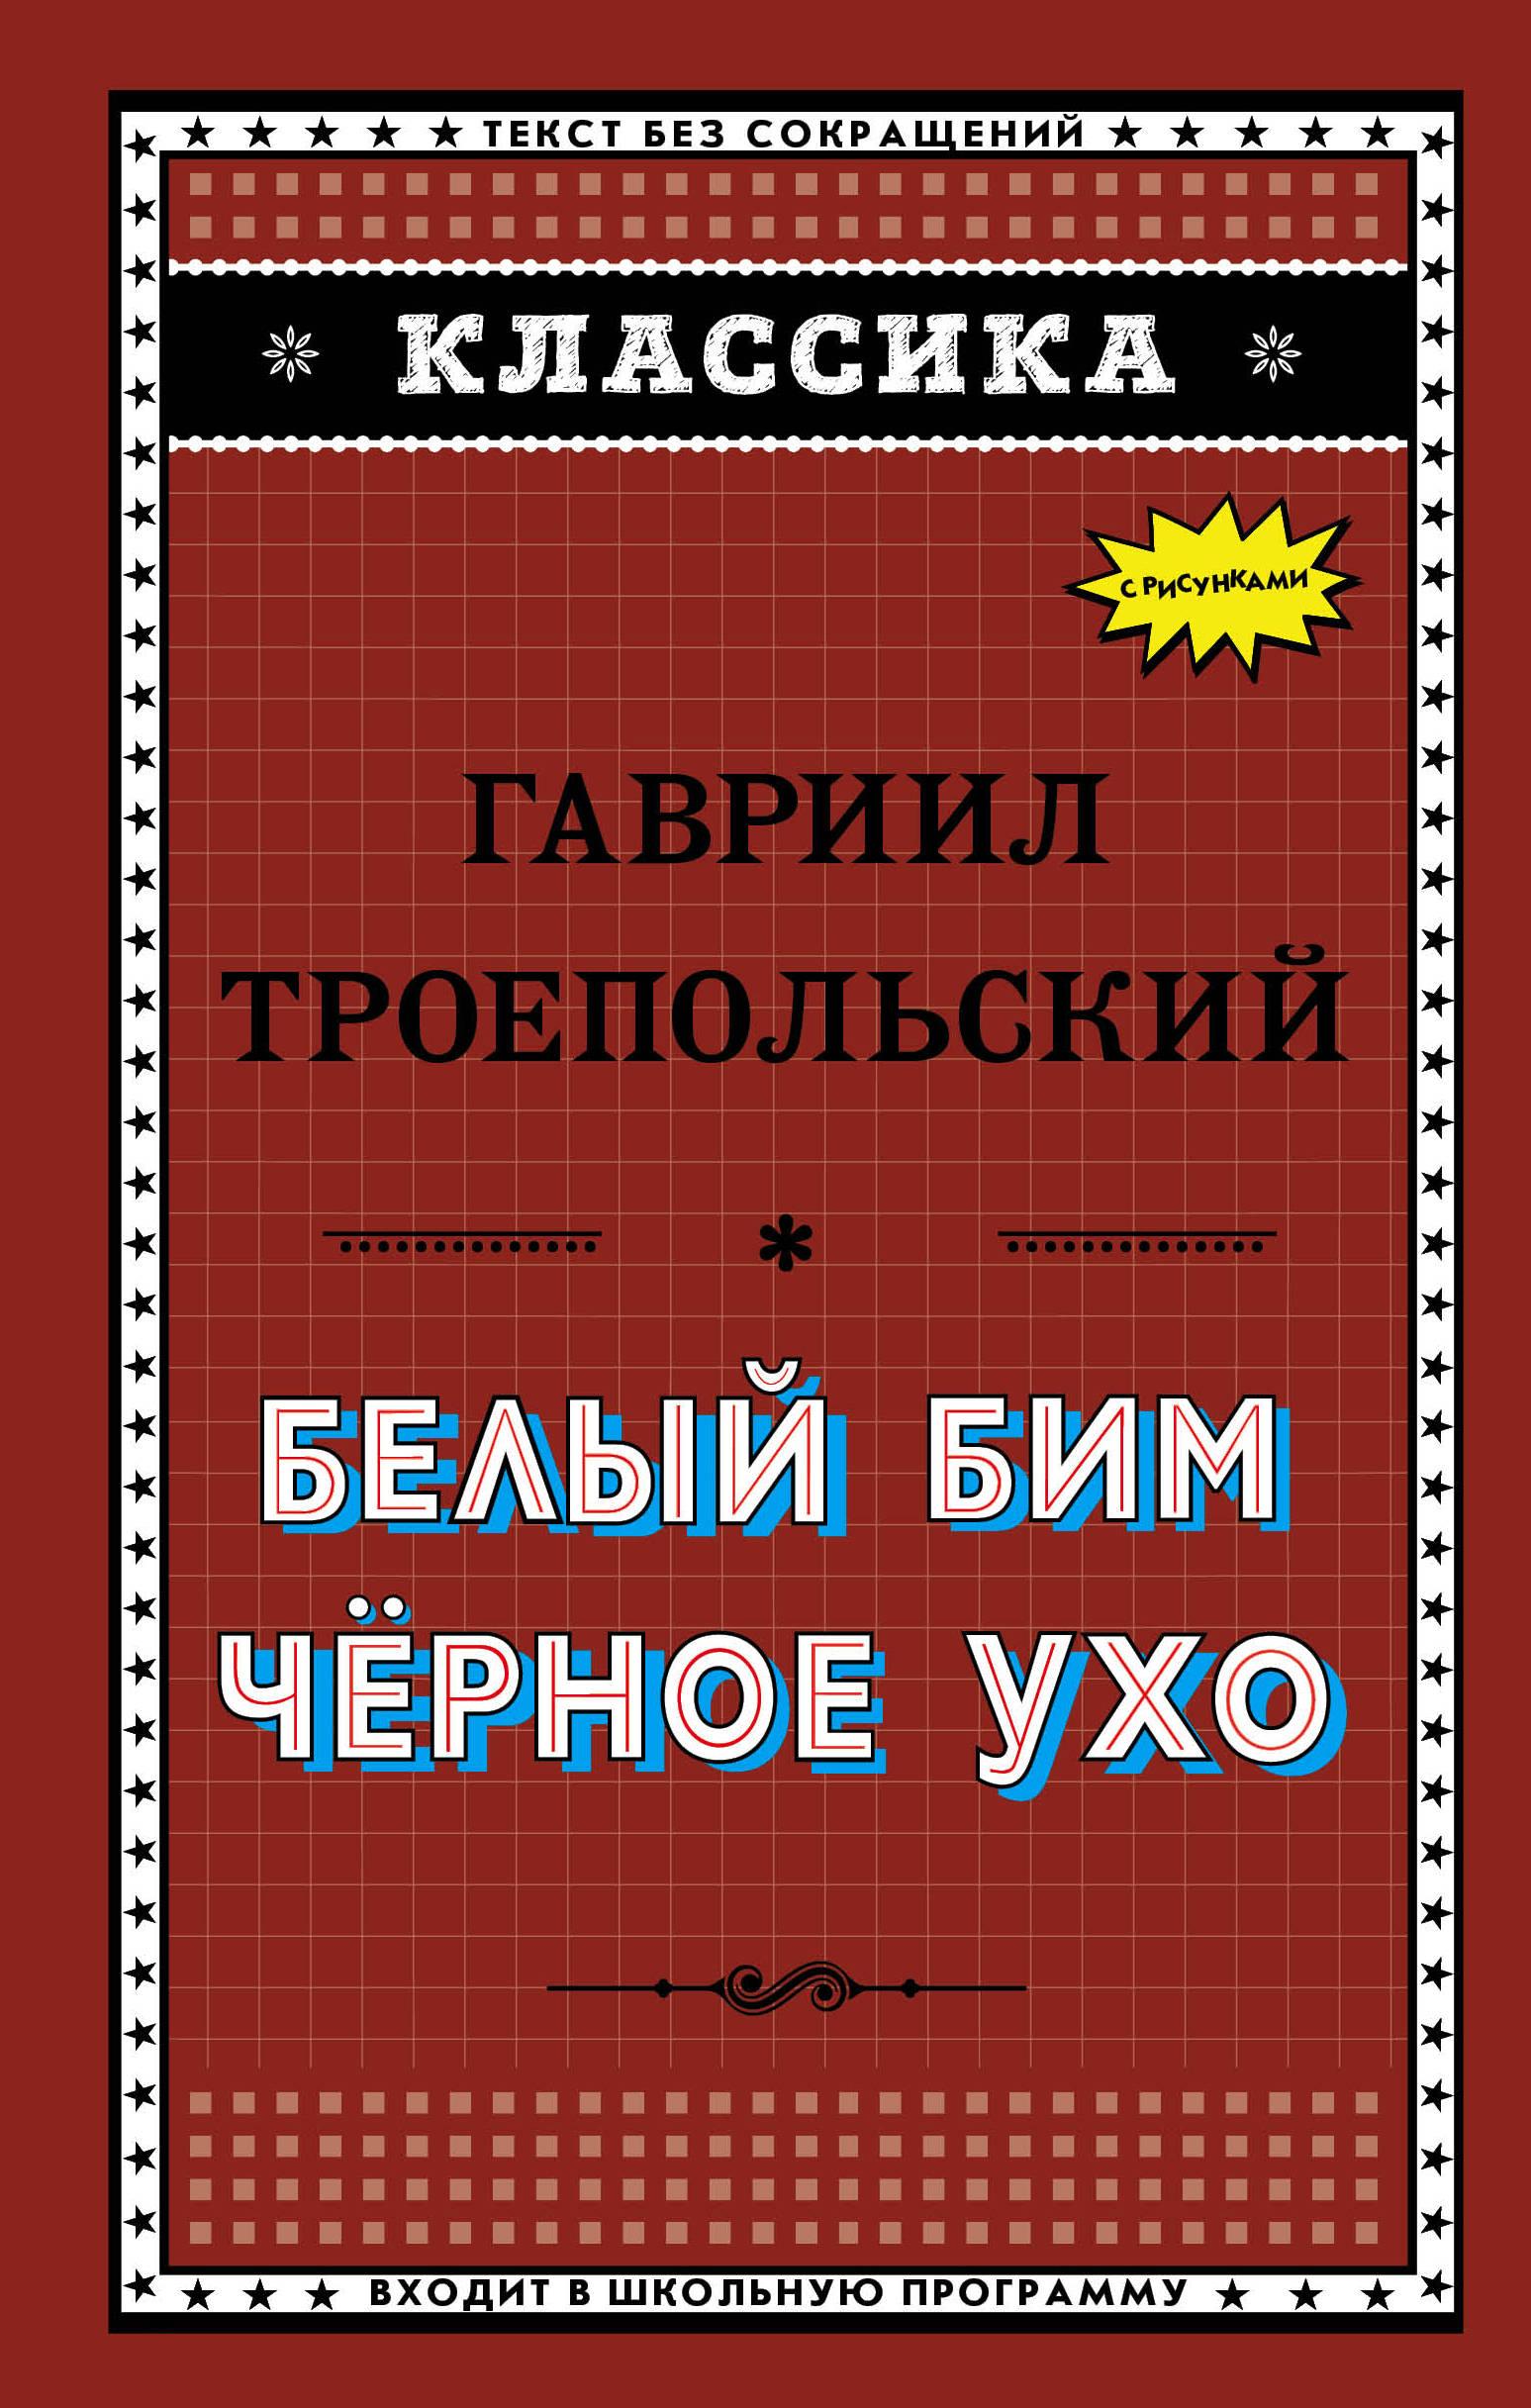 Белый Бим Чёрное ухо, Троепольский Гавриил Николаевич